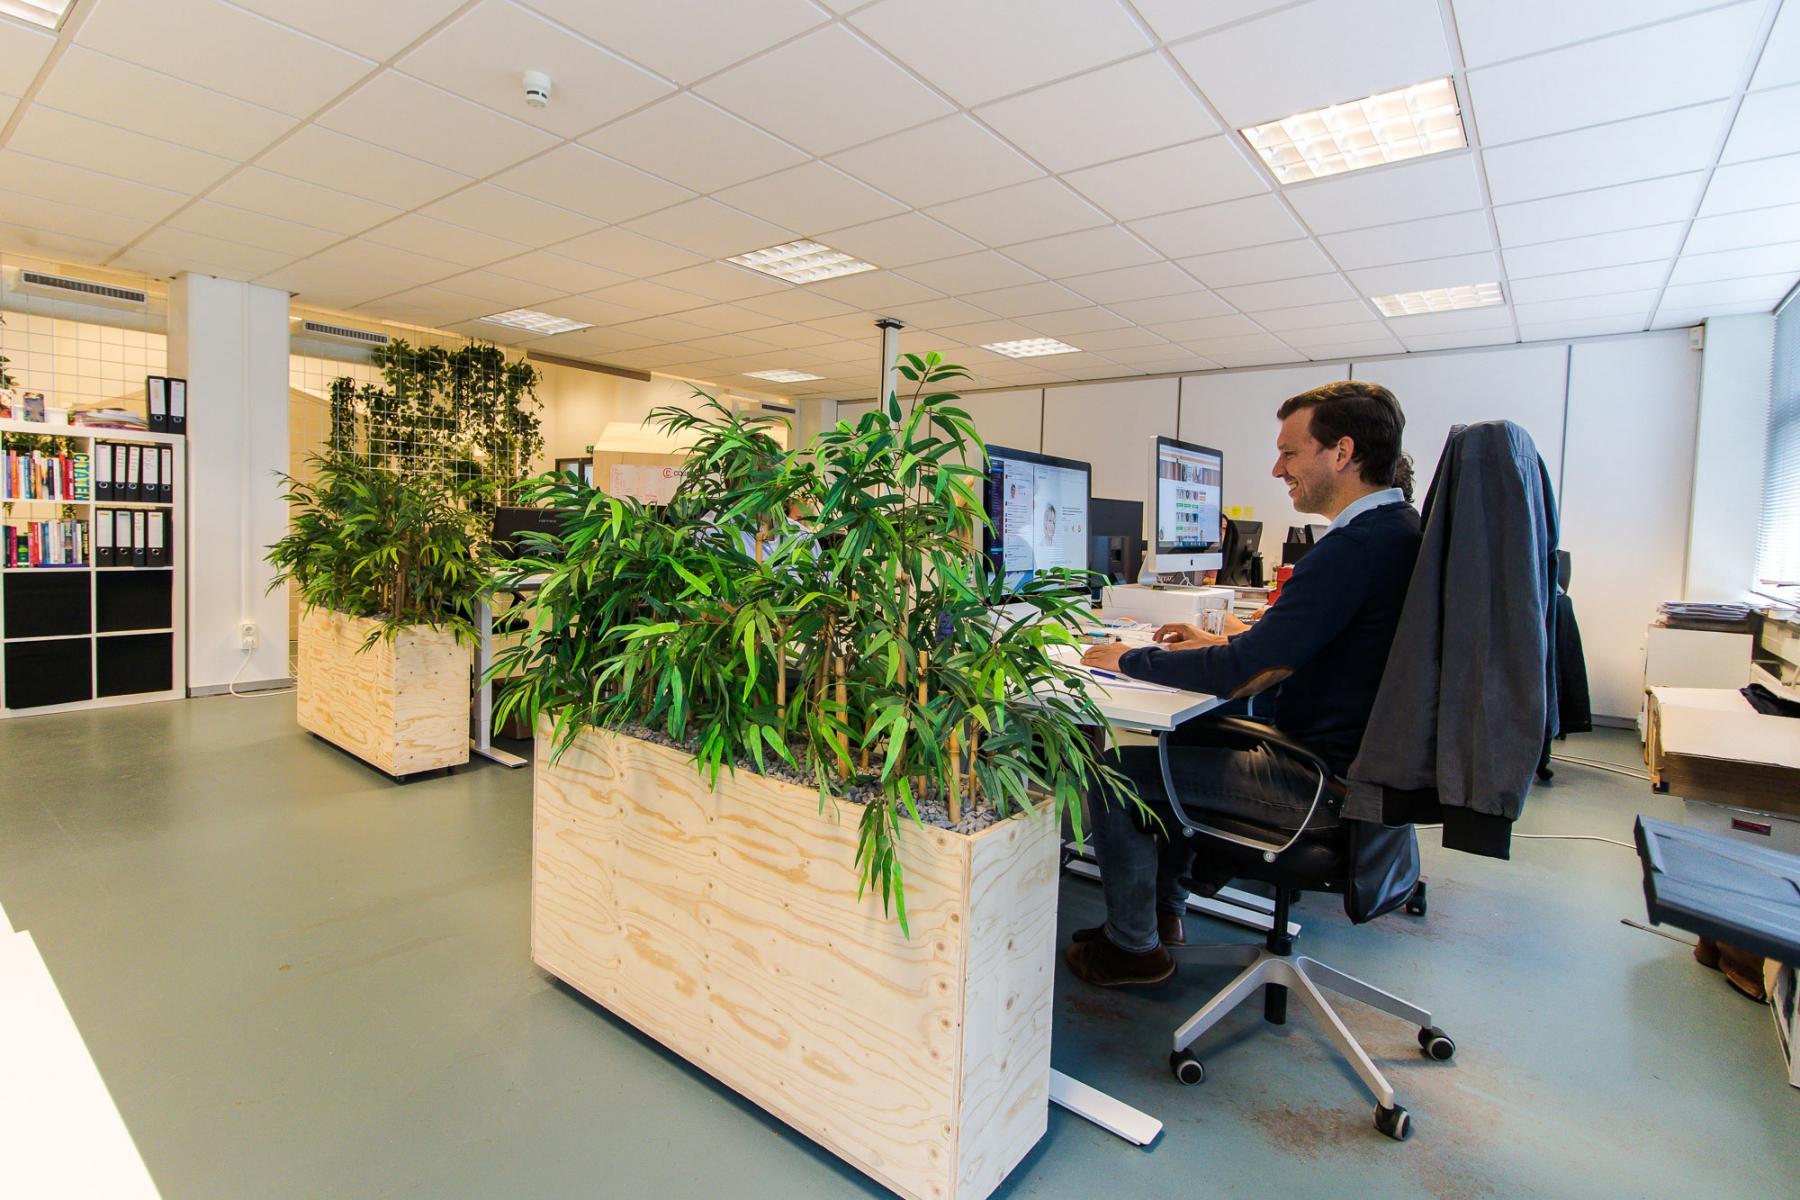 Modern full-service flexdesks for rent